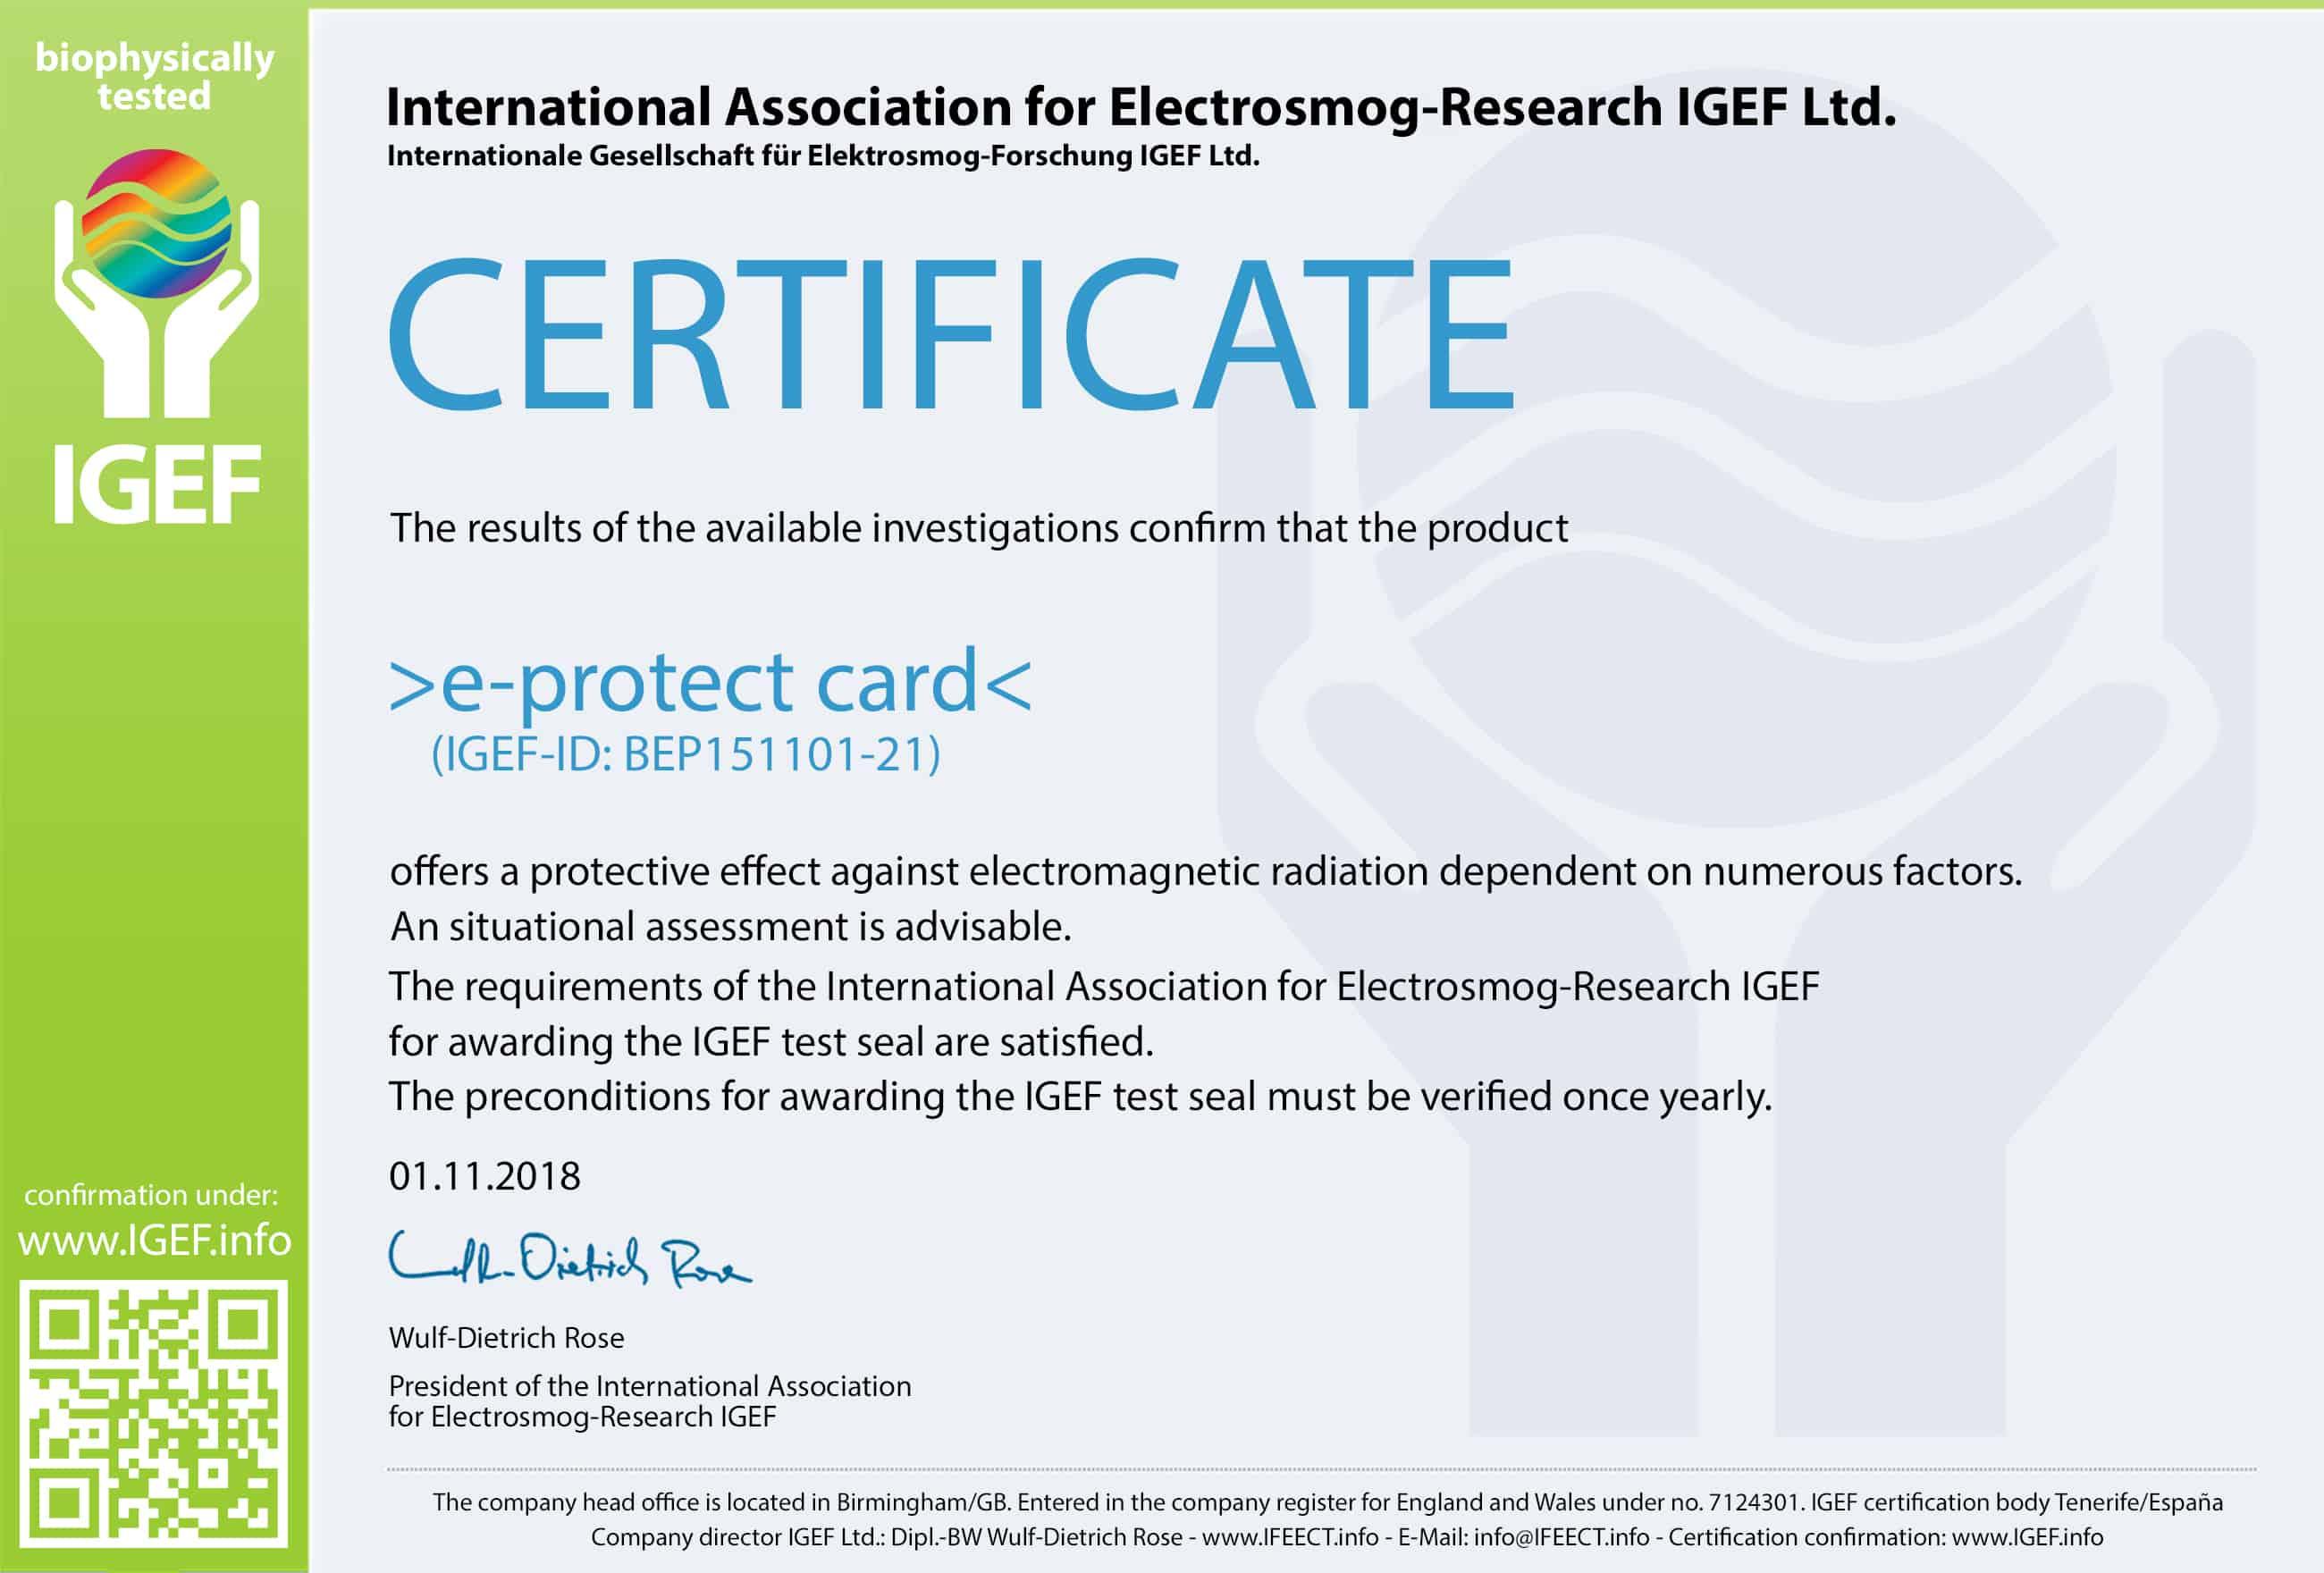 IGEF-Zertifikat-17-BEP2-EN-18